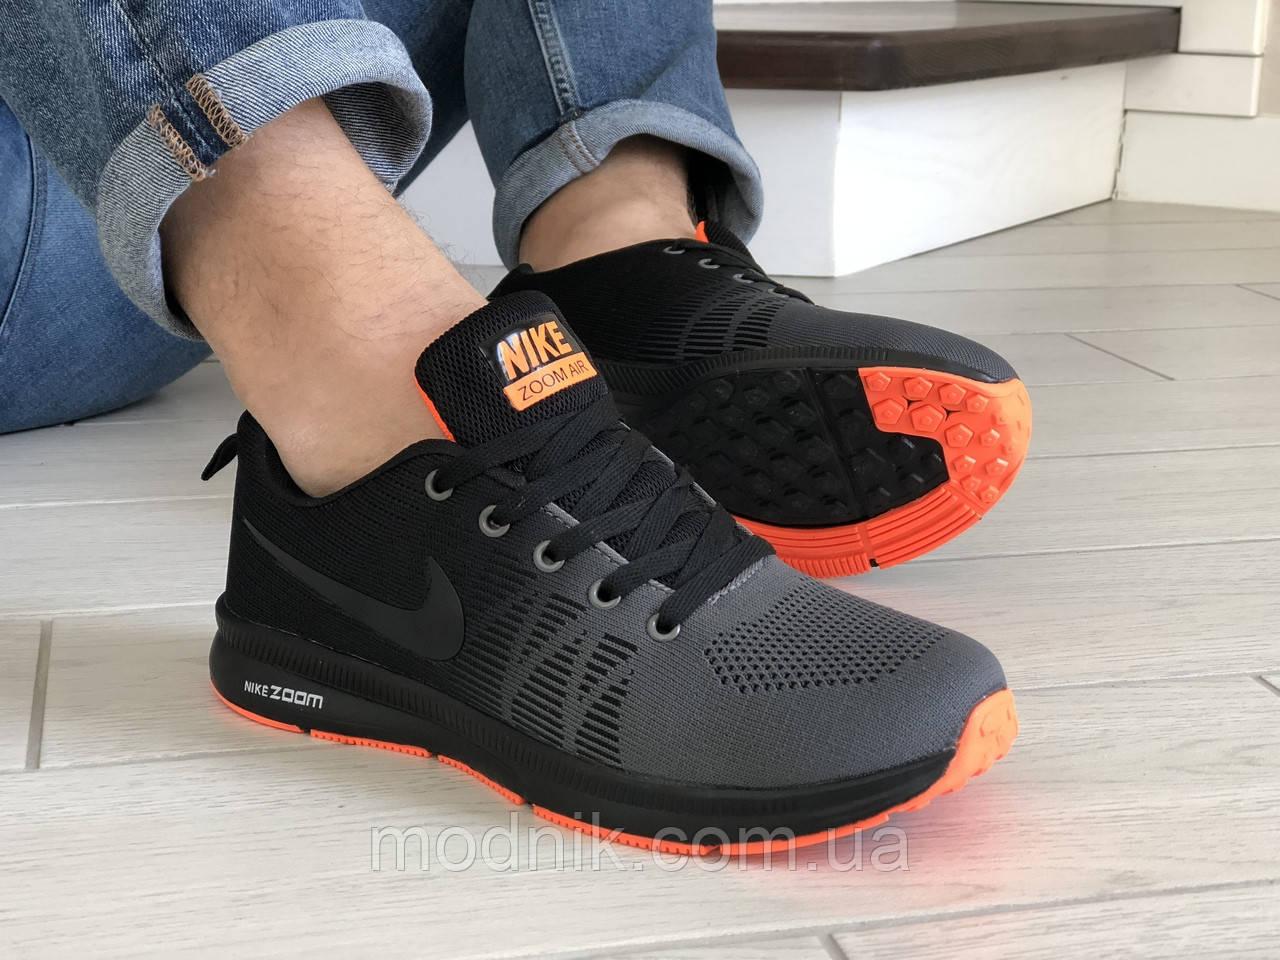 Мужские кроссовки Nike ZOOM (серо-черные с оранжевым) 9245